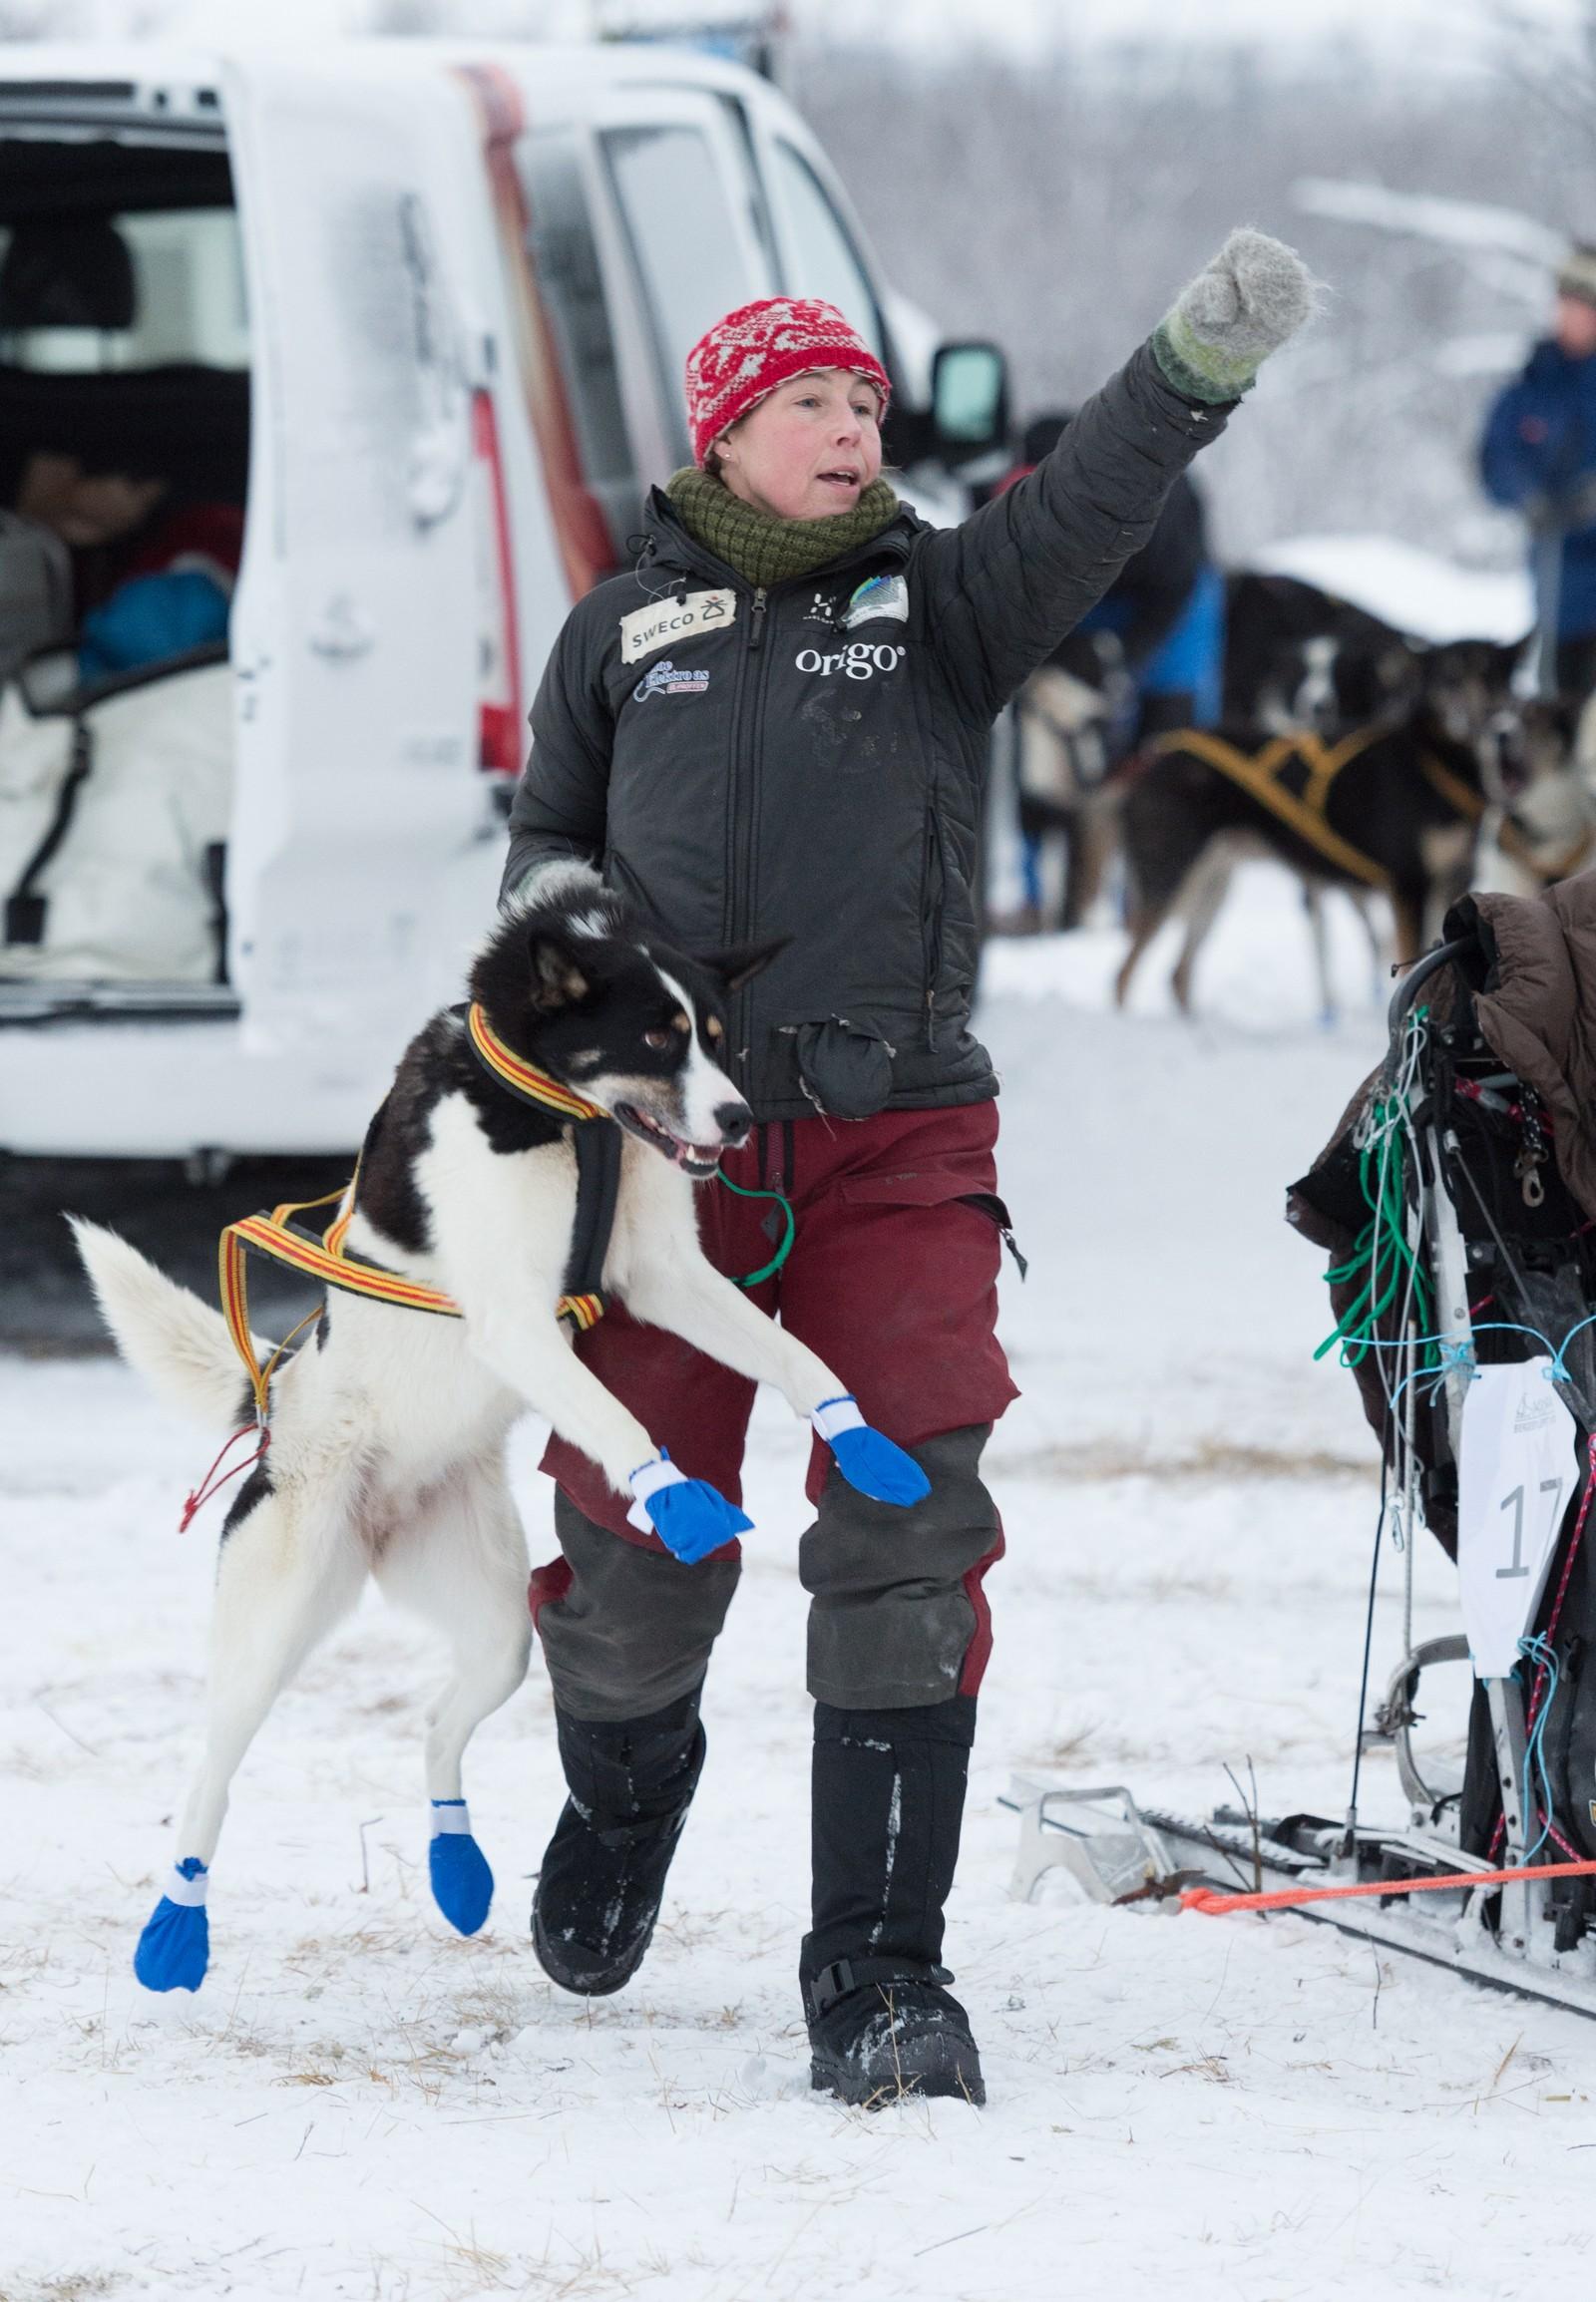 Trine Lyrek fra Alta er en erfaren hundekjører og har kjørt Finnmarksløpet flere ganger. I dag stilte hun til start på Bergebyløpet.